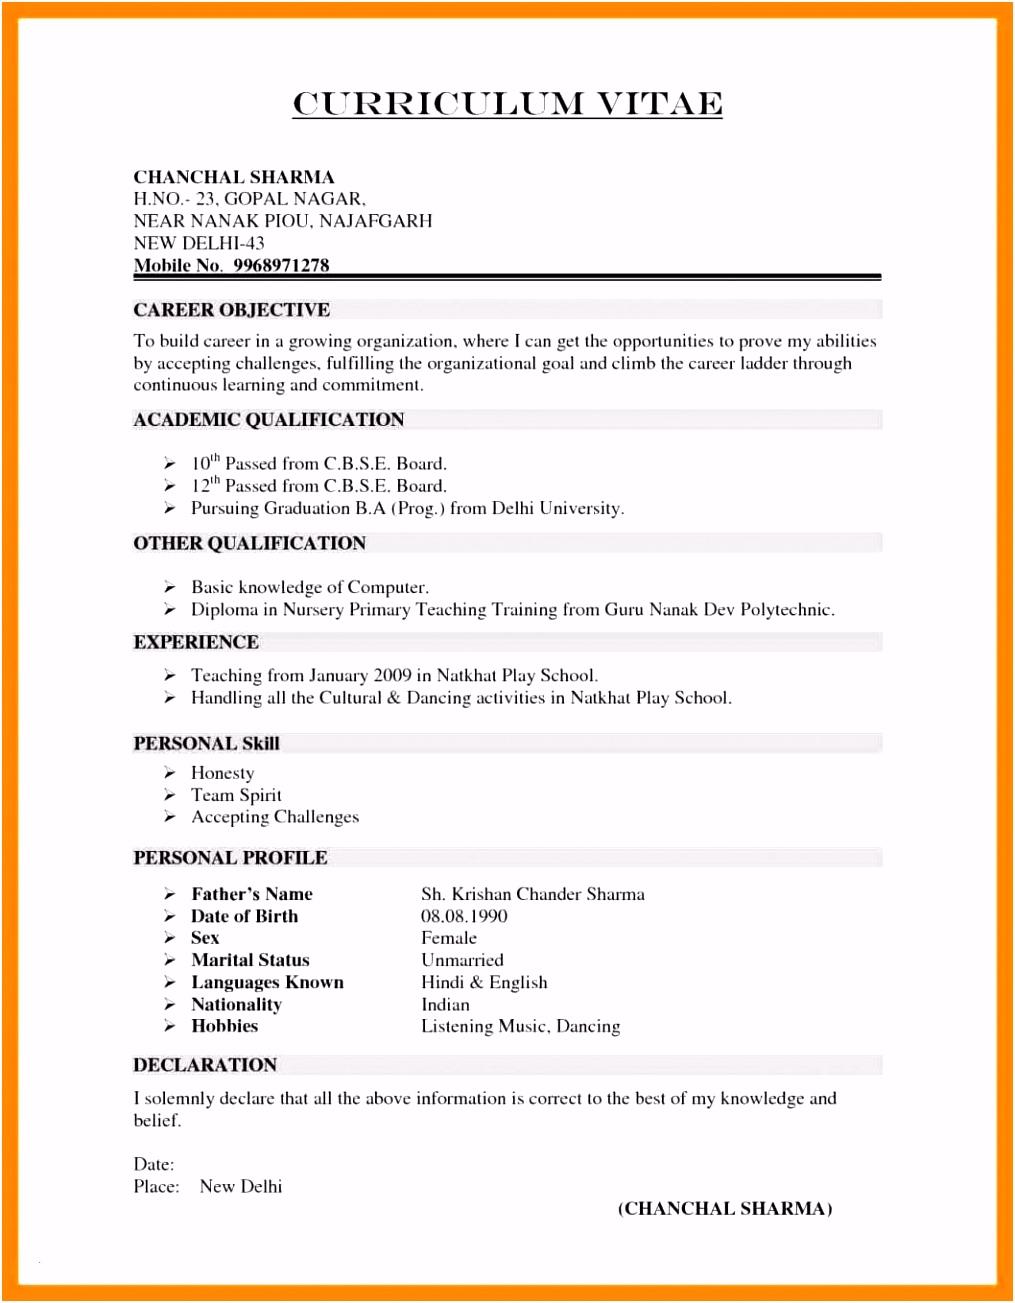 Vorlagen Bewerbung Verkauferin 15 Bewerbung Teilzeit Verkäuferin J8am17edj6 N6qcu6ureu